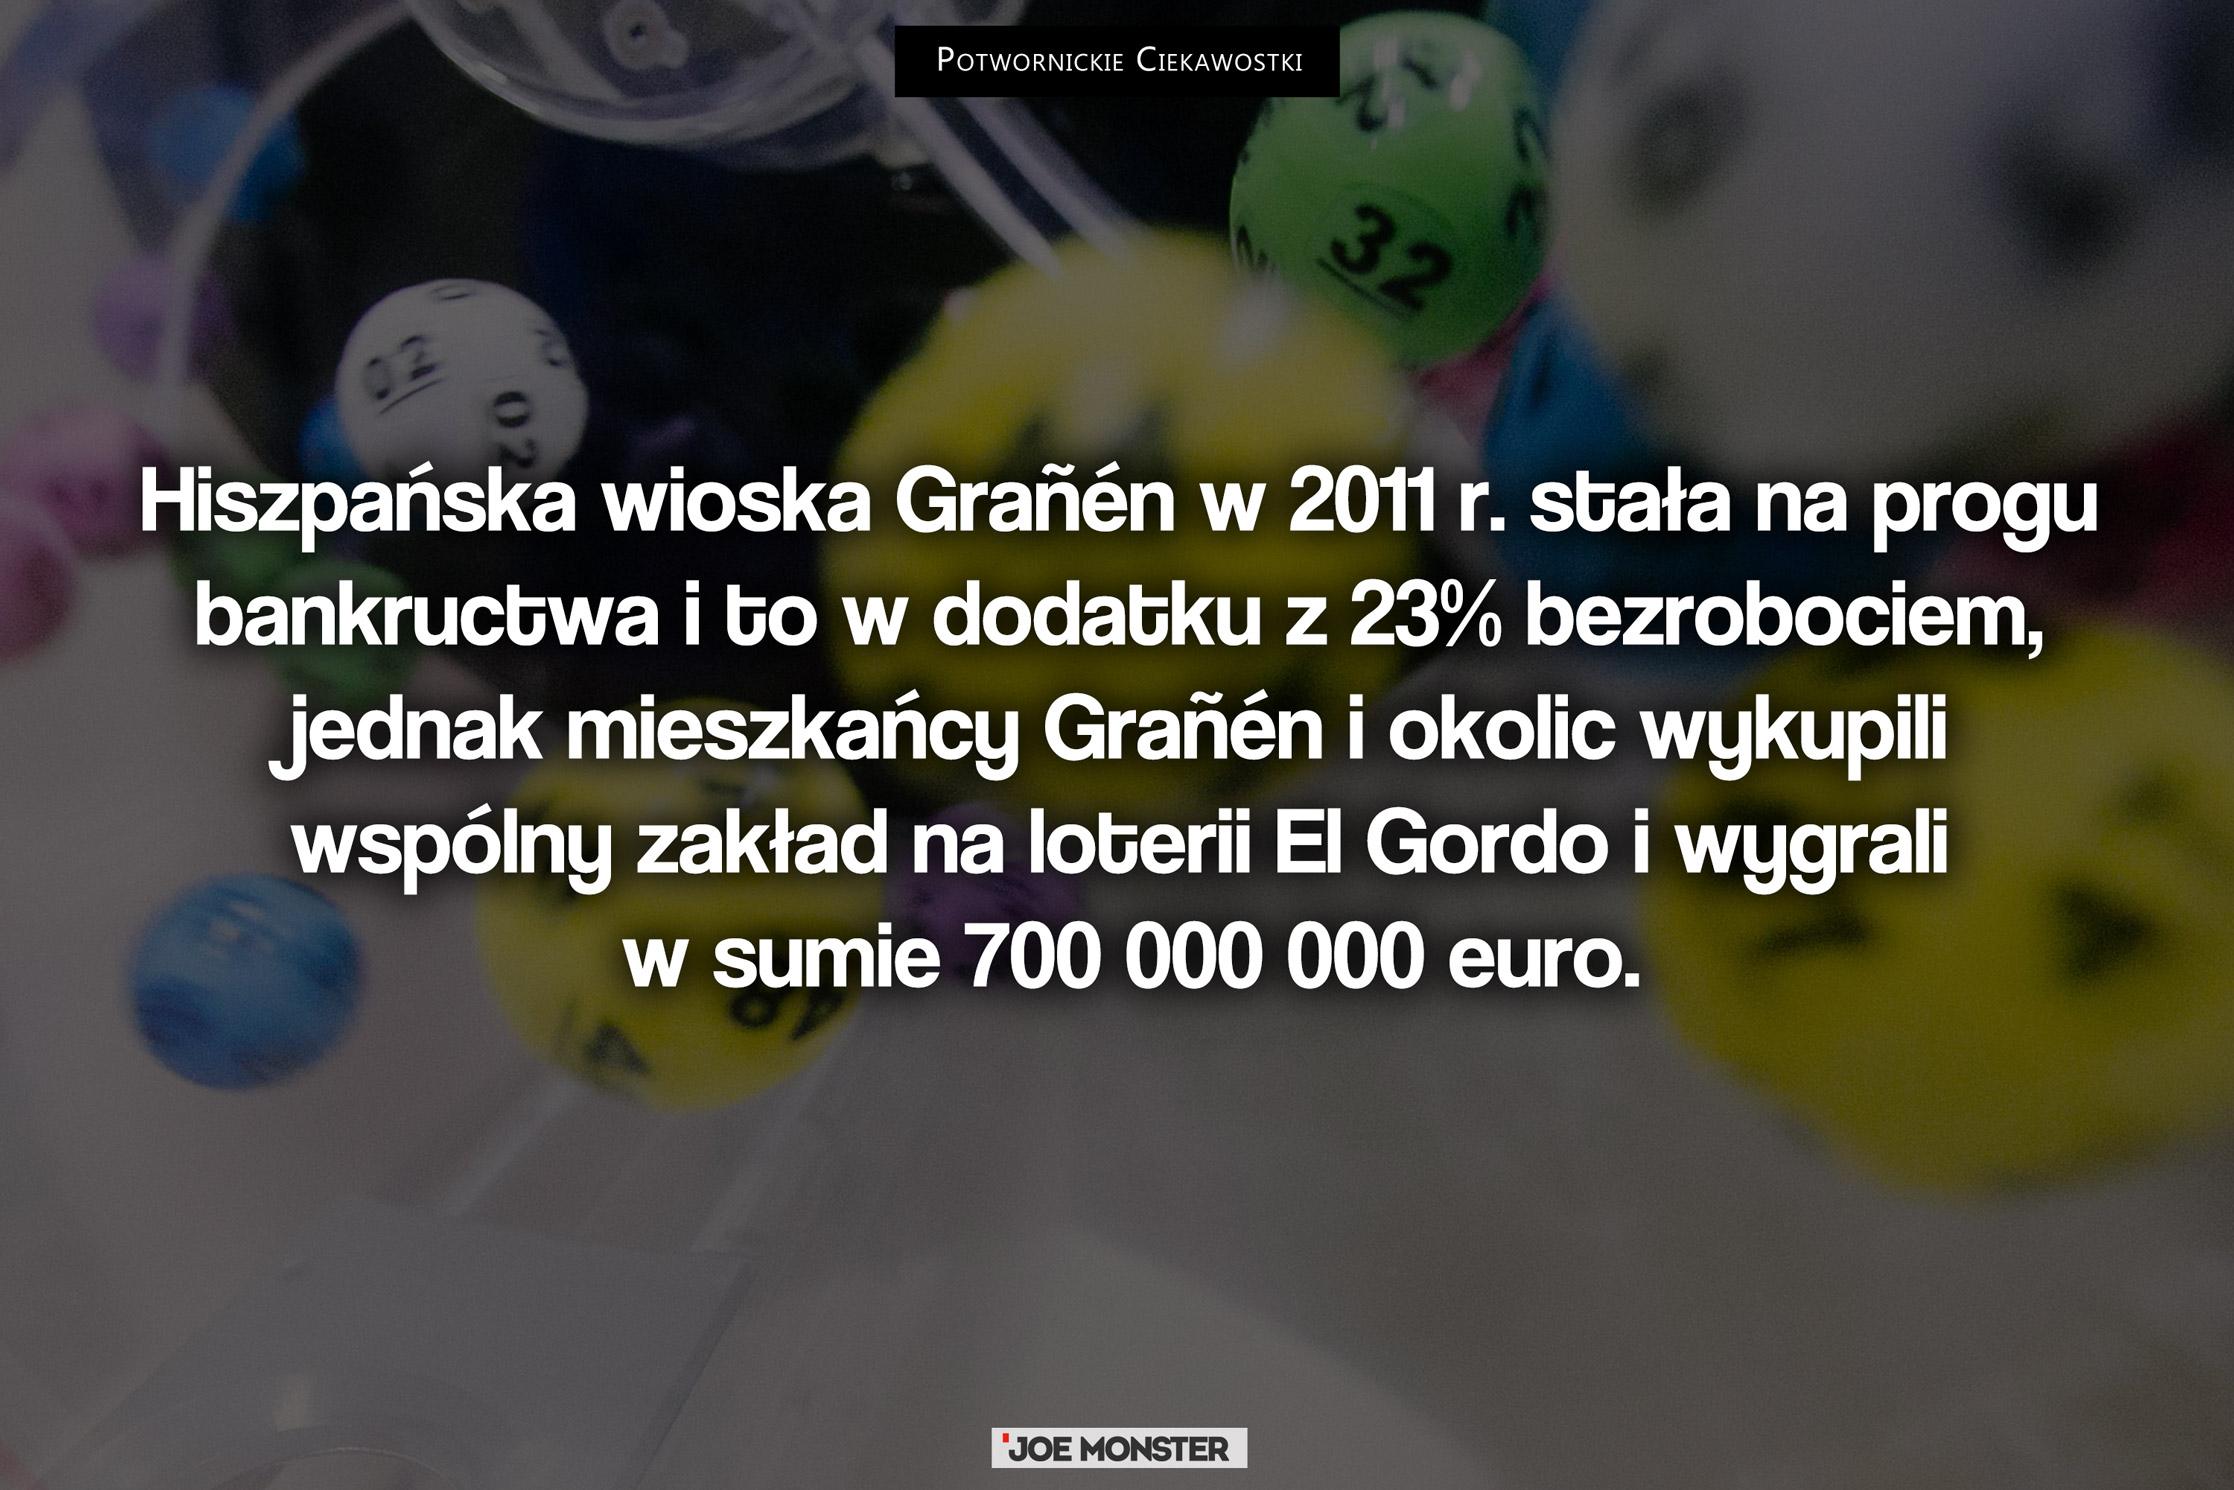 Hiszpańska wioska Grañén w 2011 r. stała na progu bankructwa i to w dodatku z 23% bezrobociem, jednak mieszkańcy Grañén i okolic wykupili wspólny zakład na loterii El Gordo i wygrali w sumie 700 000 000 Euro.